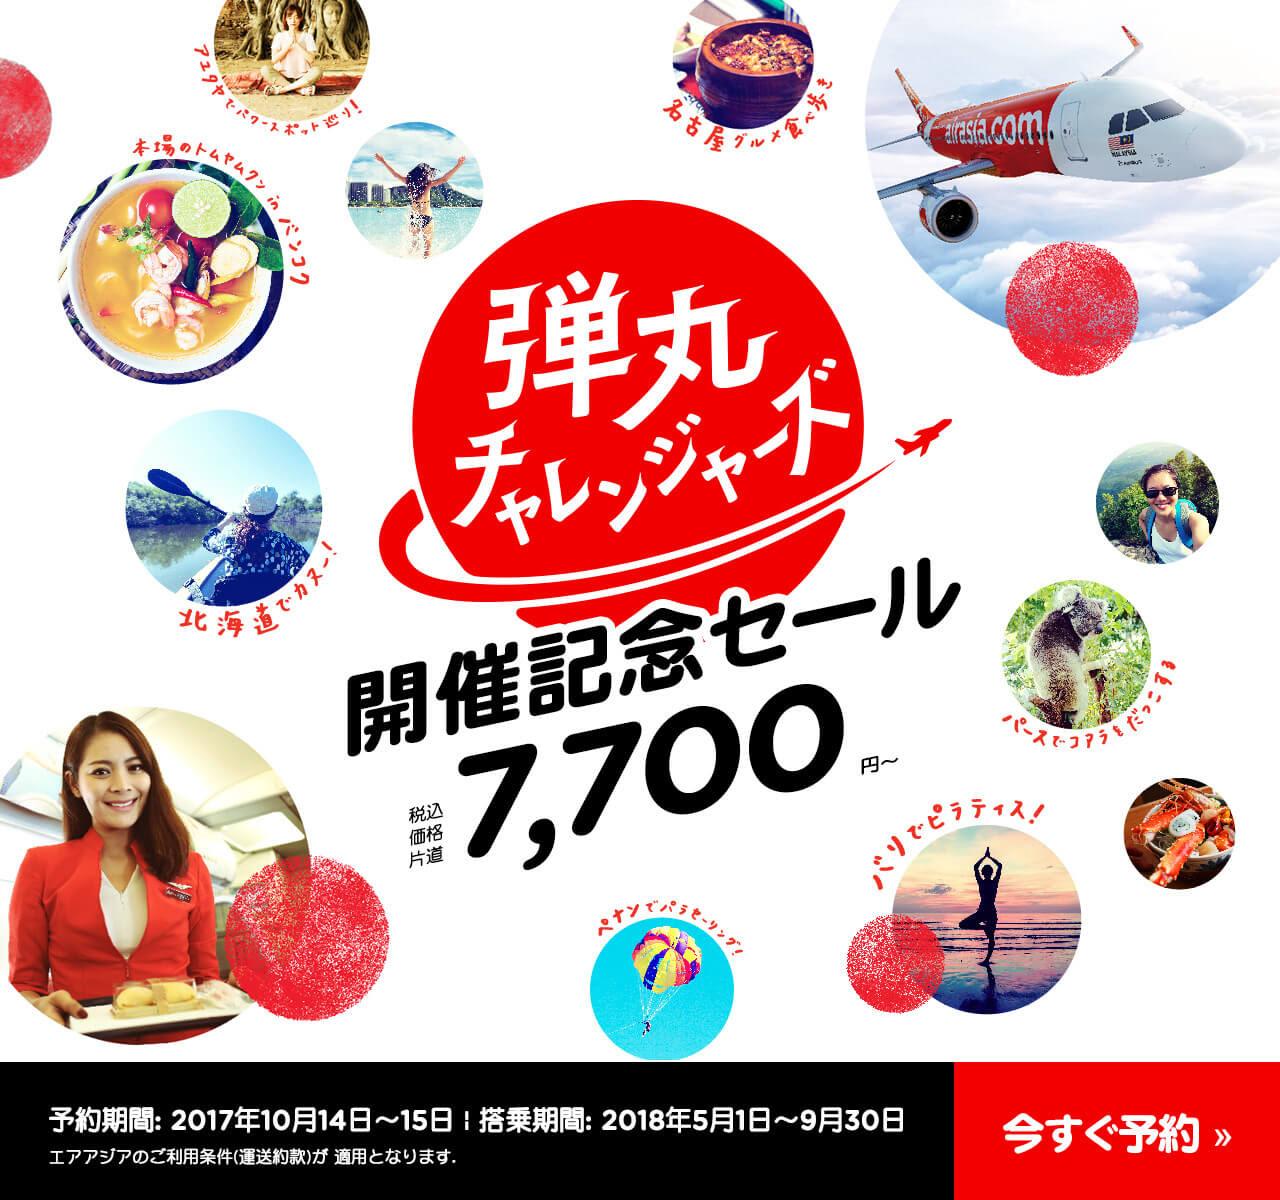 エアアジアの「弾丸チャレンジャーズ」開催記念セール